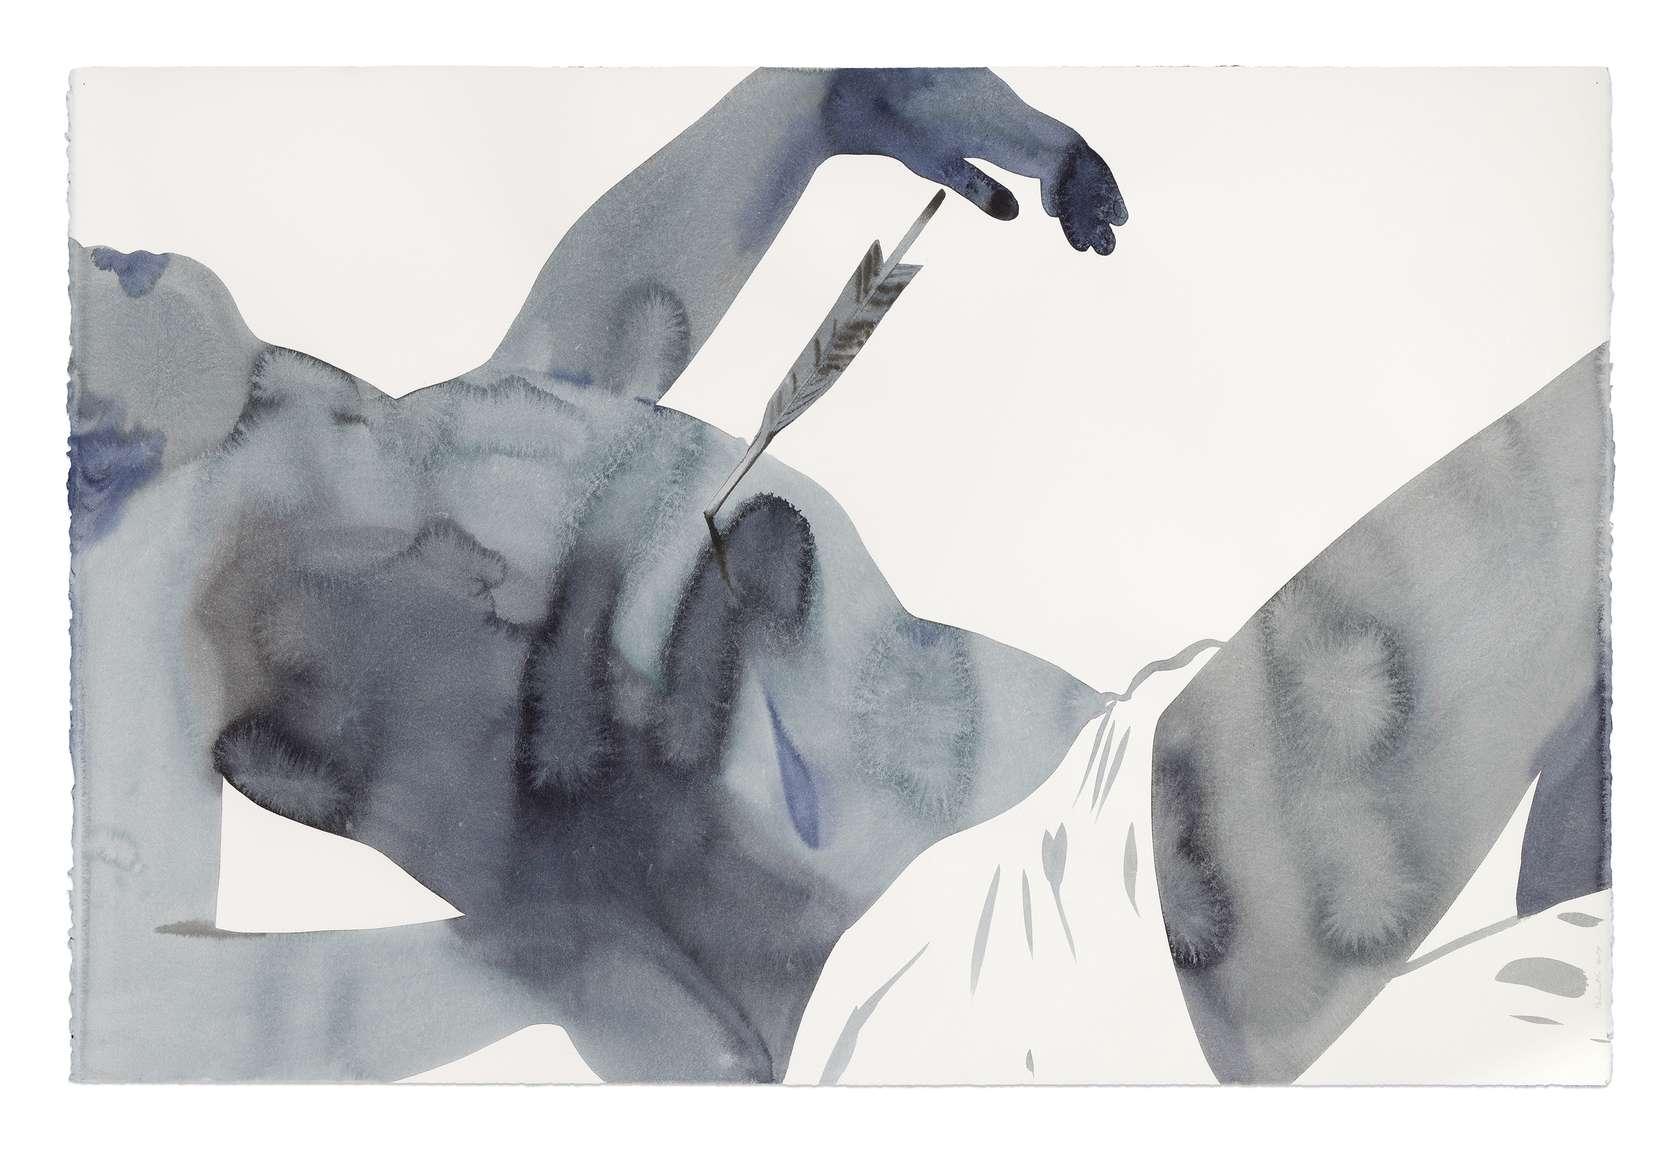 Françoise Pétrovitch, Saint Sébastien (Georges de la Tour), 2019 Lavis d'encre sur papier80 × 120 × 131 cm / 31 1/2 × 47 2/8 × 51 5/8 in.96 × 137 × 4.5 cm / 37 6/8 × 53 7/8 × 1 6/8 in.